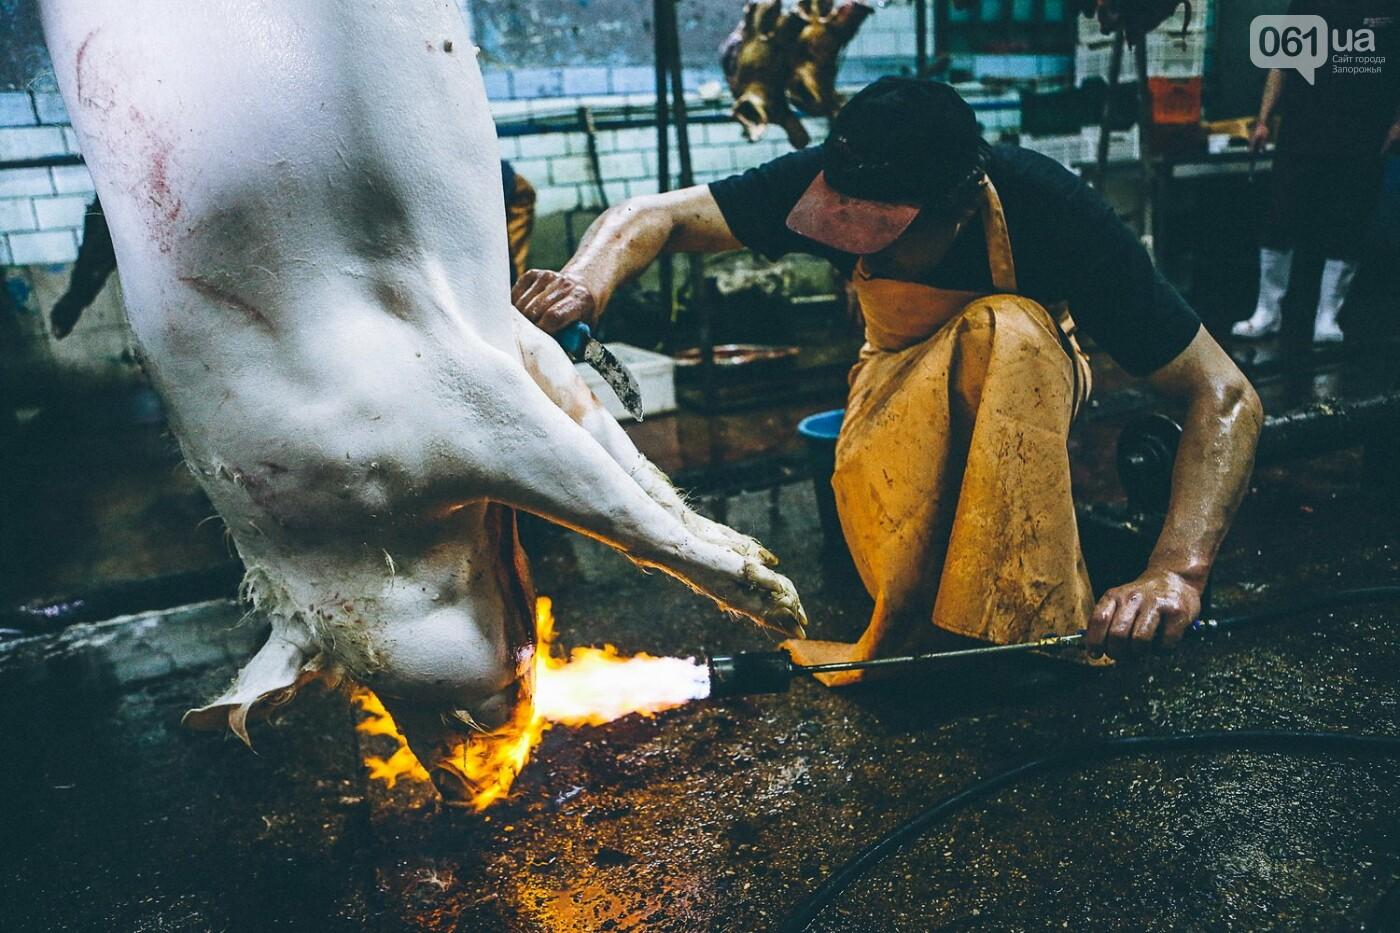 Забой скота в Украине приходит к европейским стандартам - ФОТОРЕПОРТАЖ 18+, фото-9